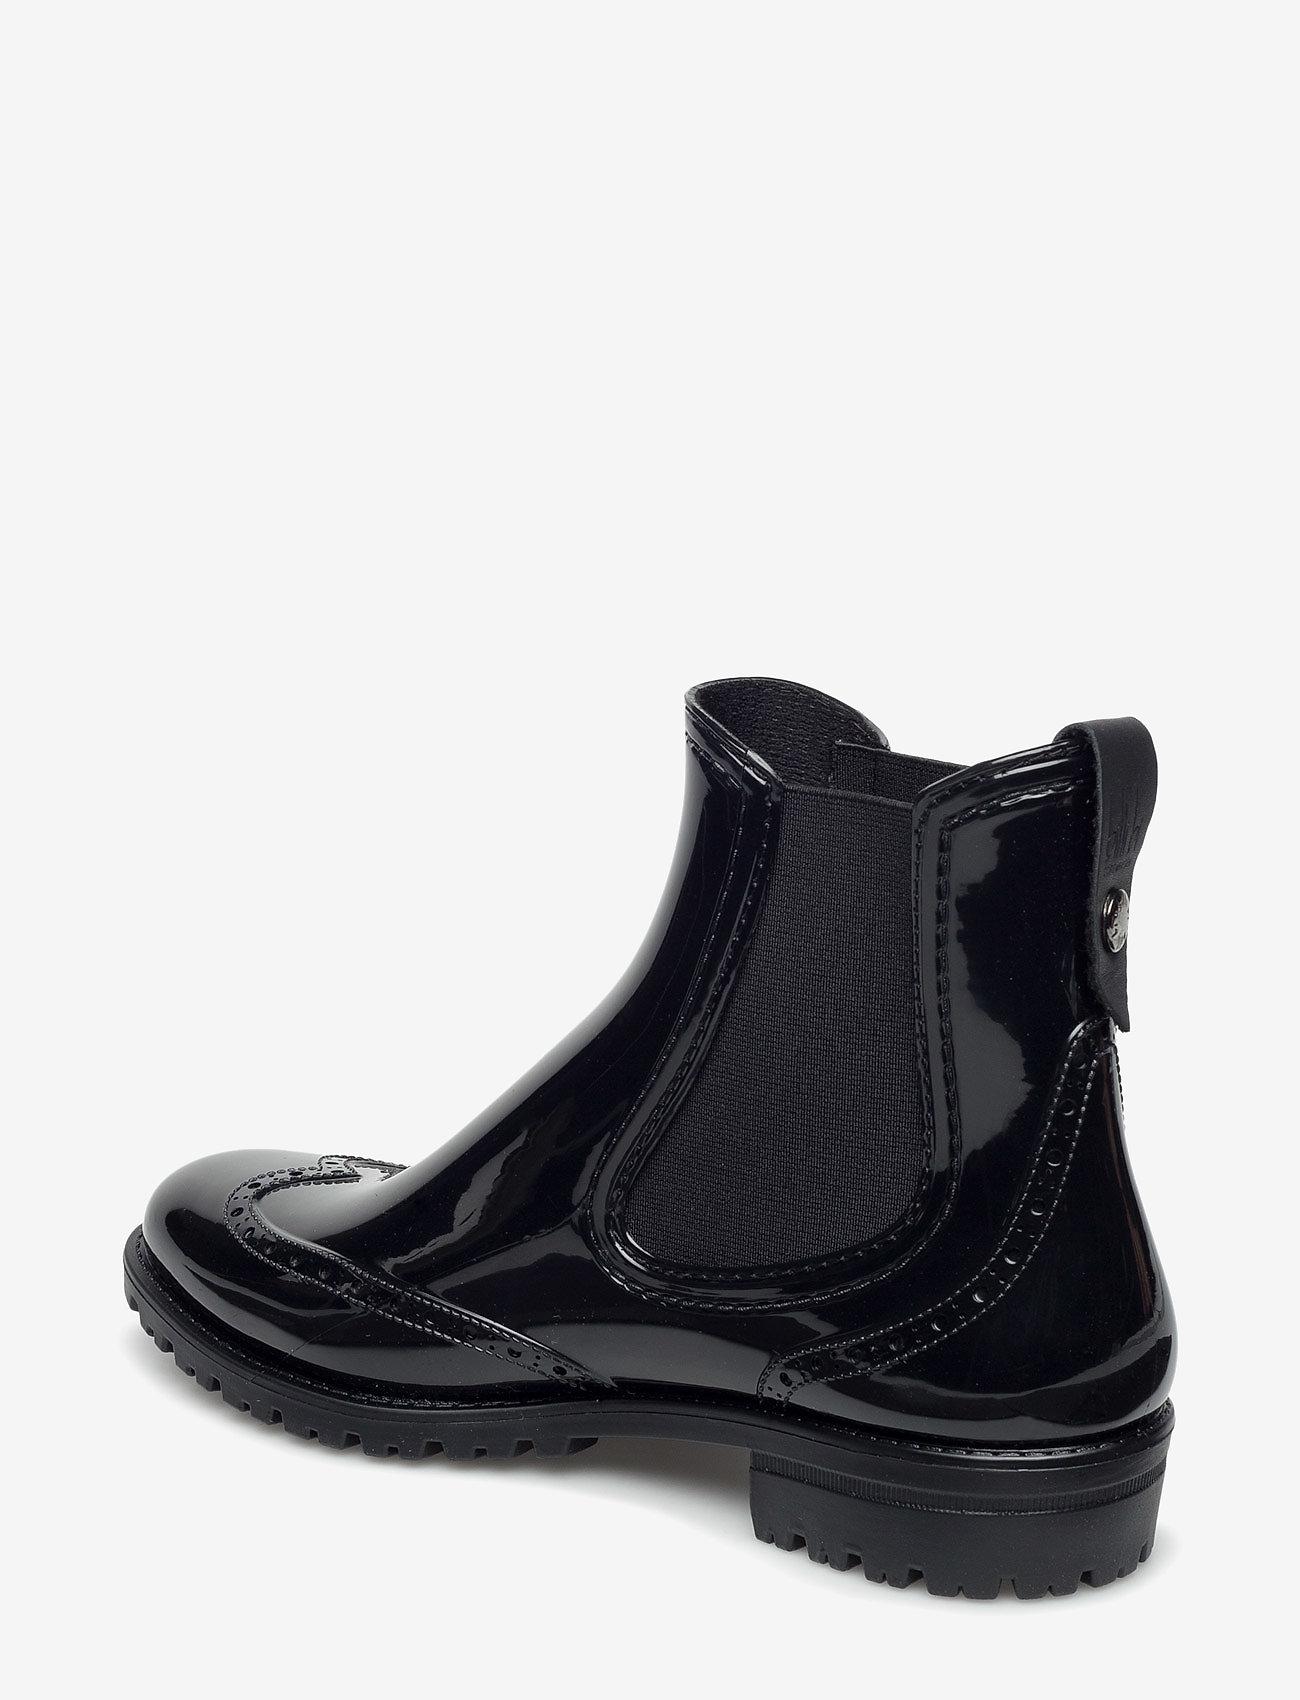 Rain Boots (Black Shiny 40) - Billi Bi